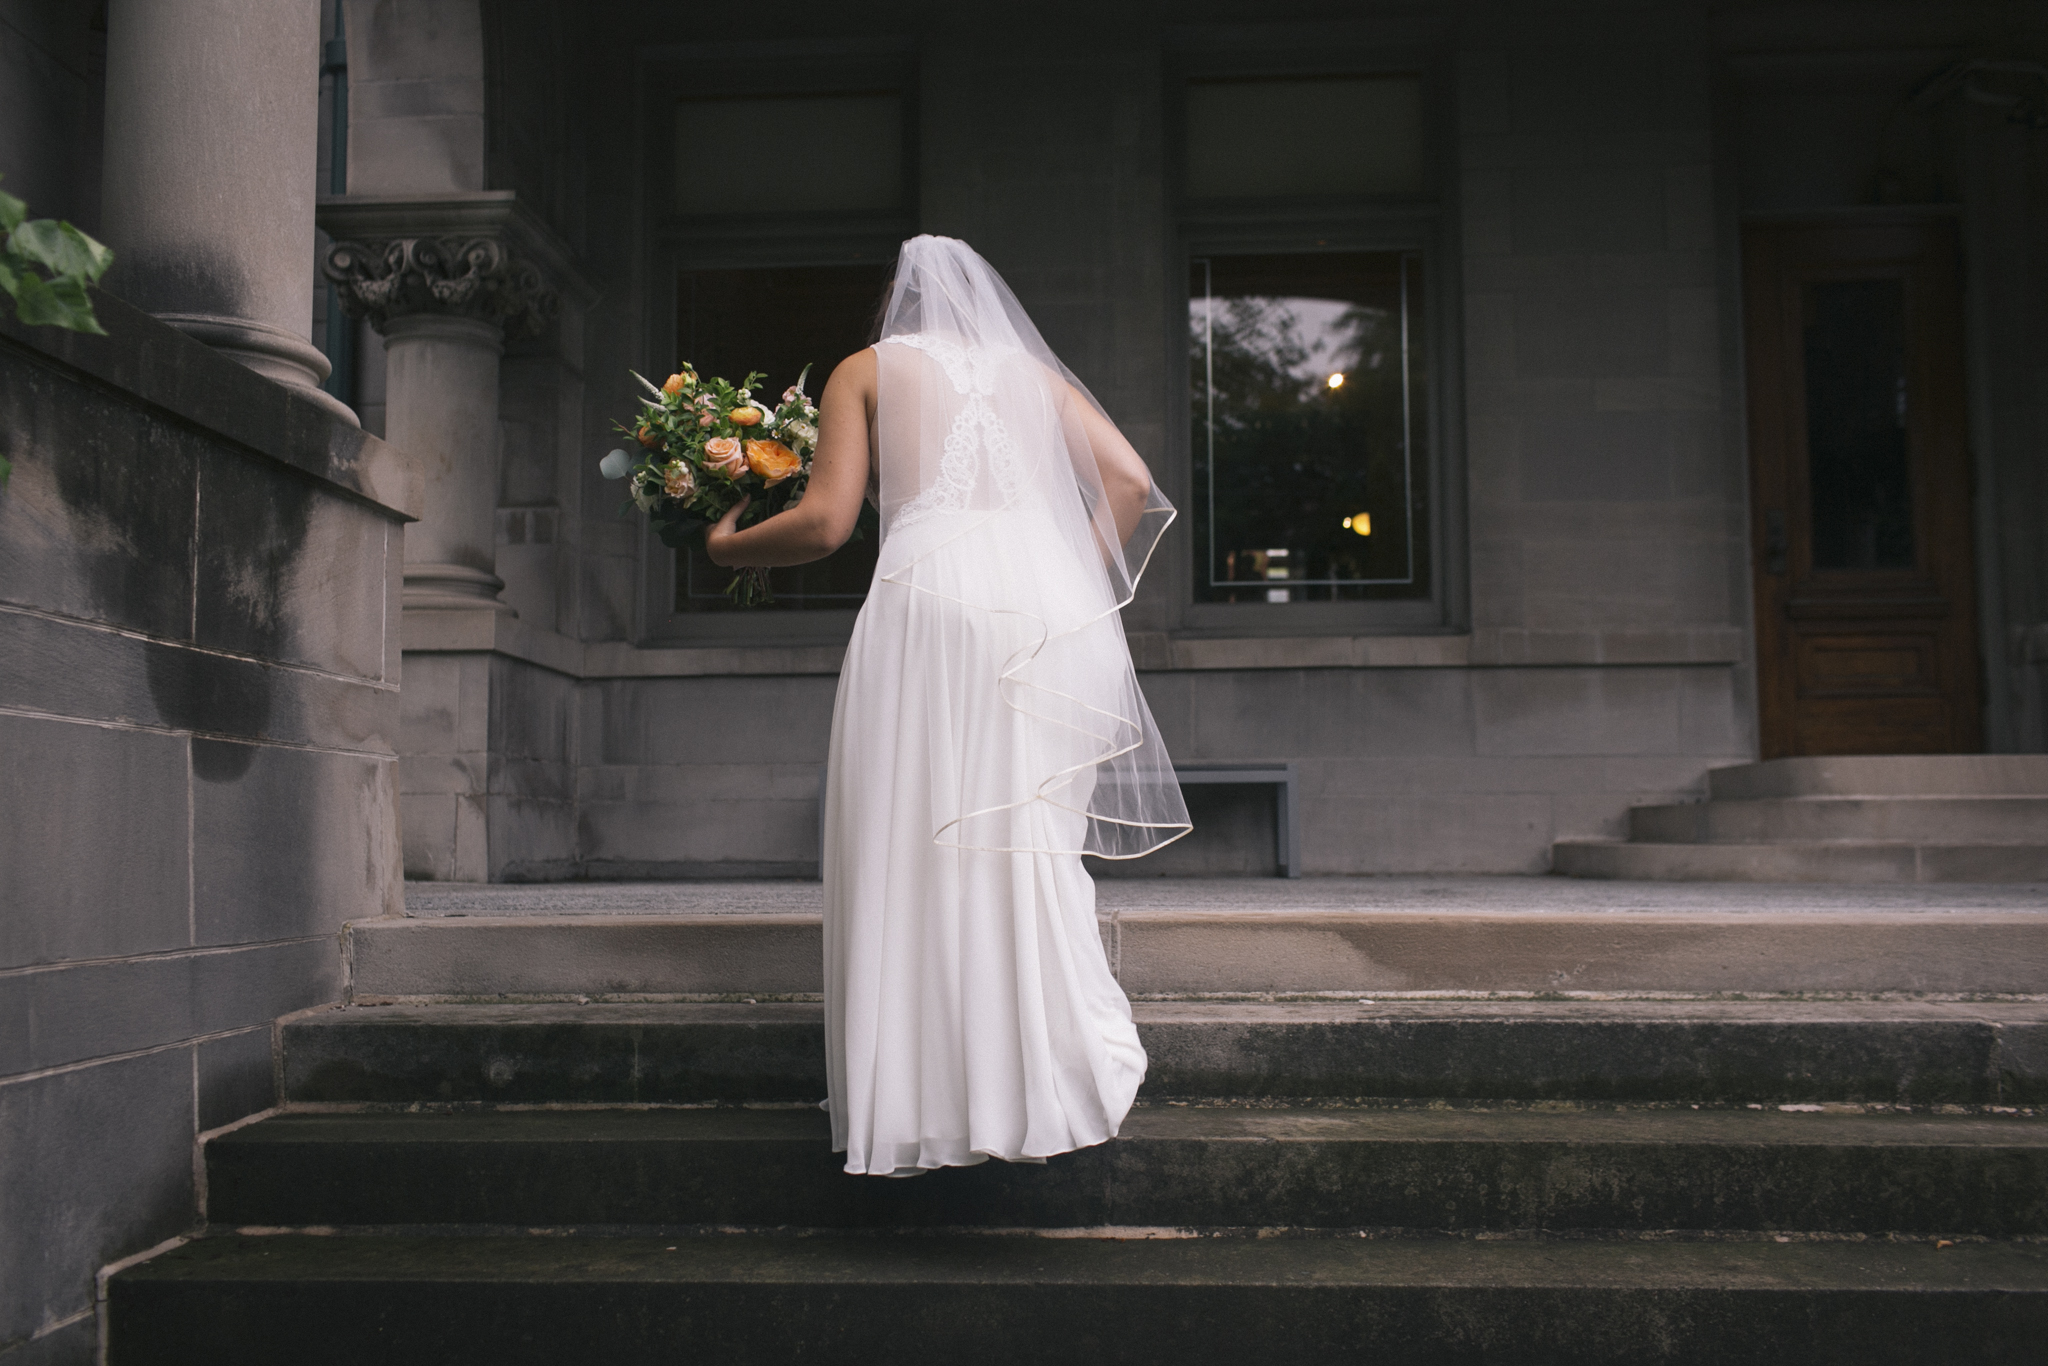 harlan_megmike_wedding_25.jpg